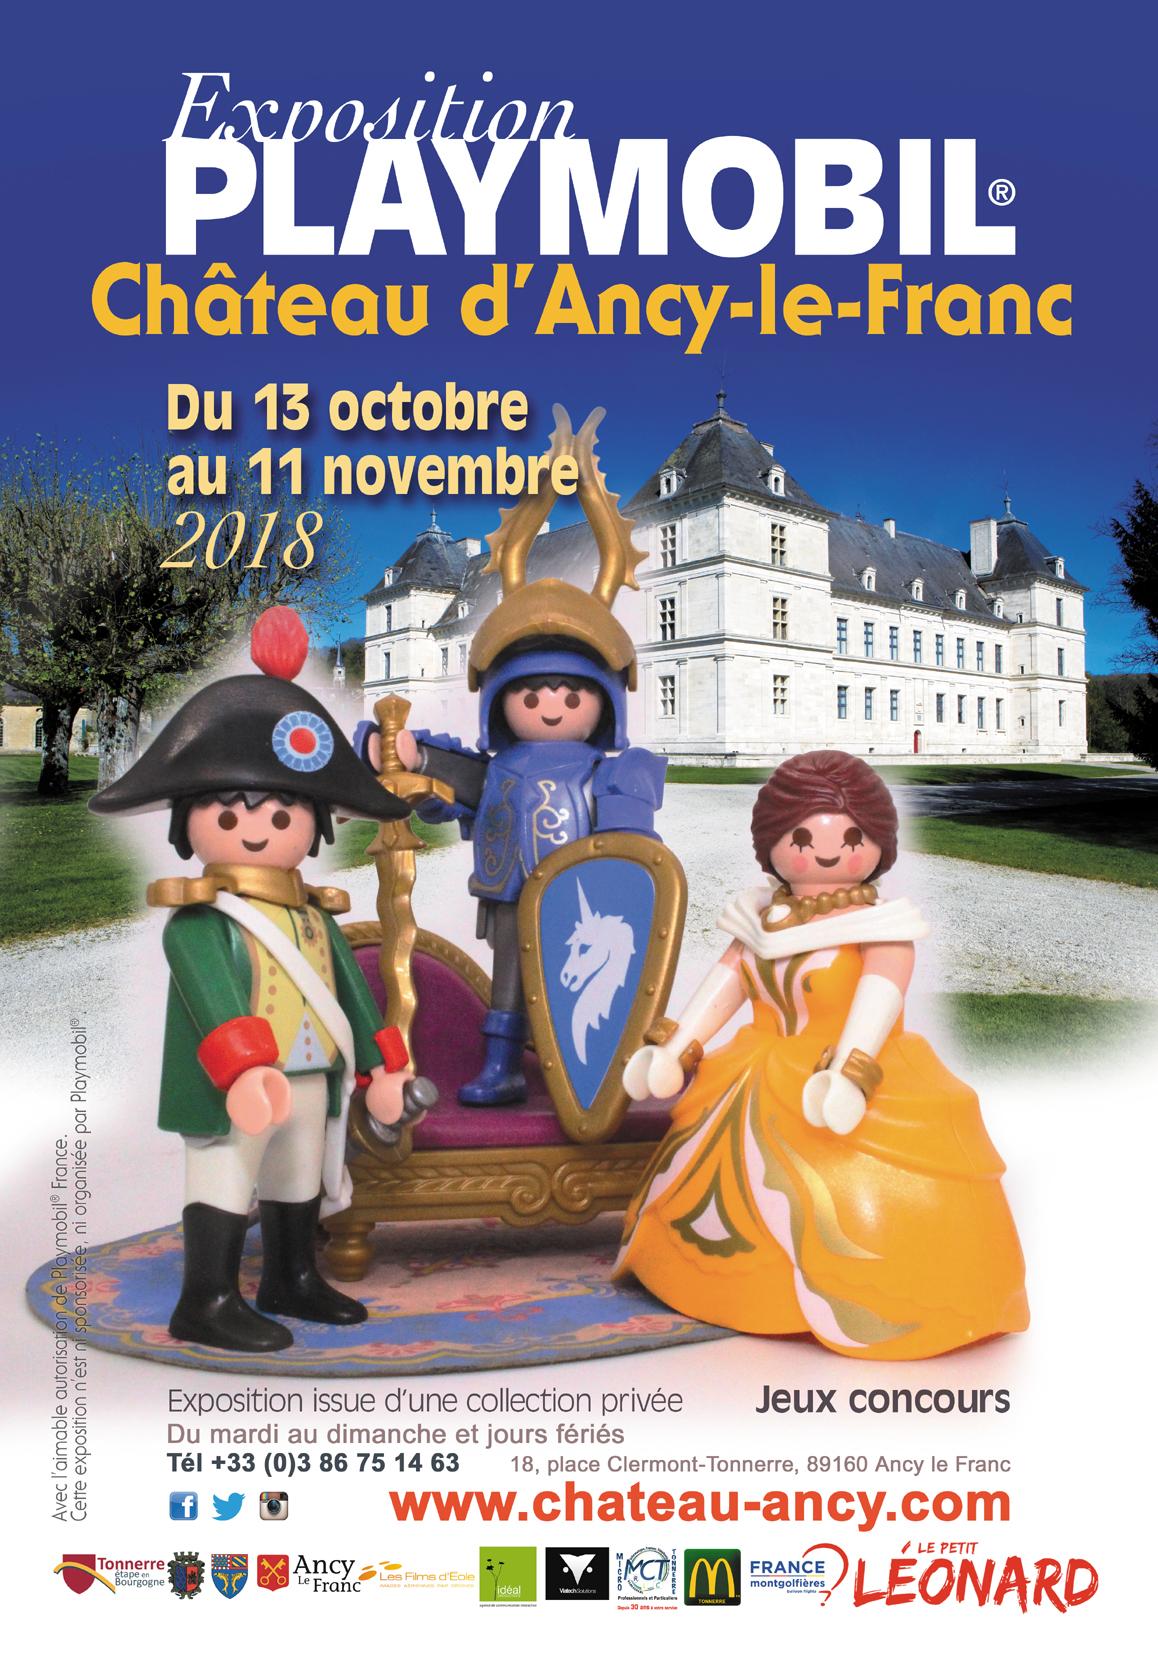 exposition playmobil chateau d'ancy le franc bourgogne yonne sortie à toussaint